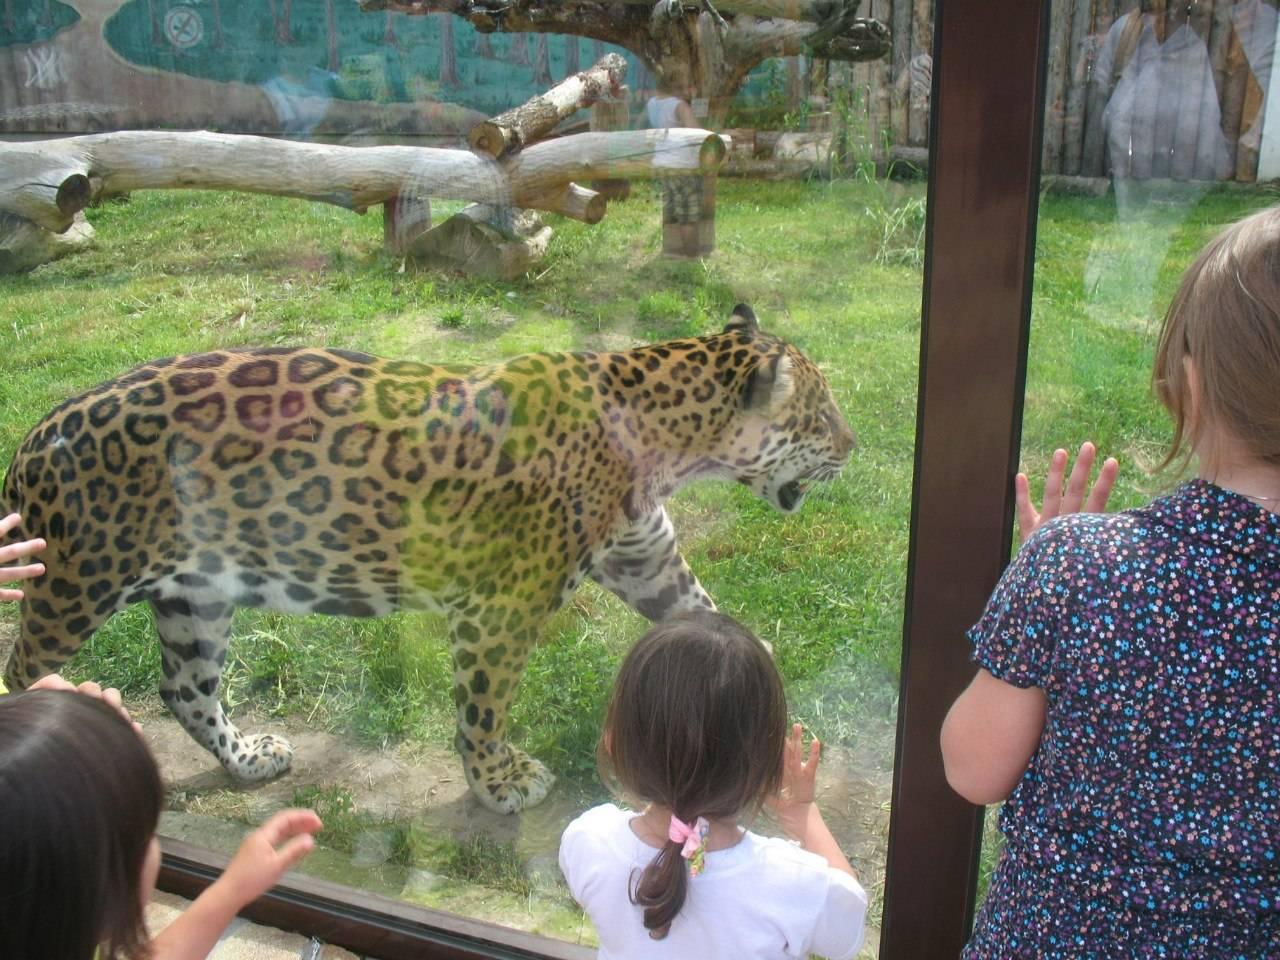 Минский зоопарк. фото, видео, официальный сайт, цены на билеты 2021, режим работы, отзывы, как добраться — туристер.ру